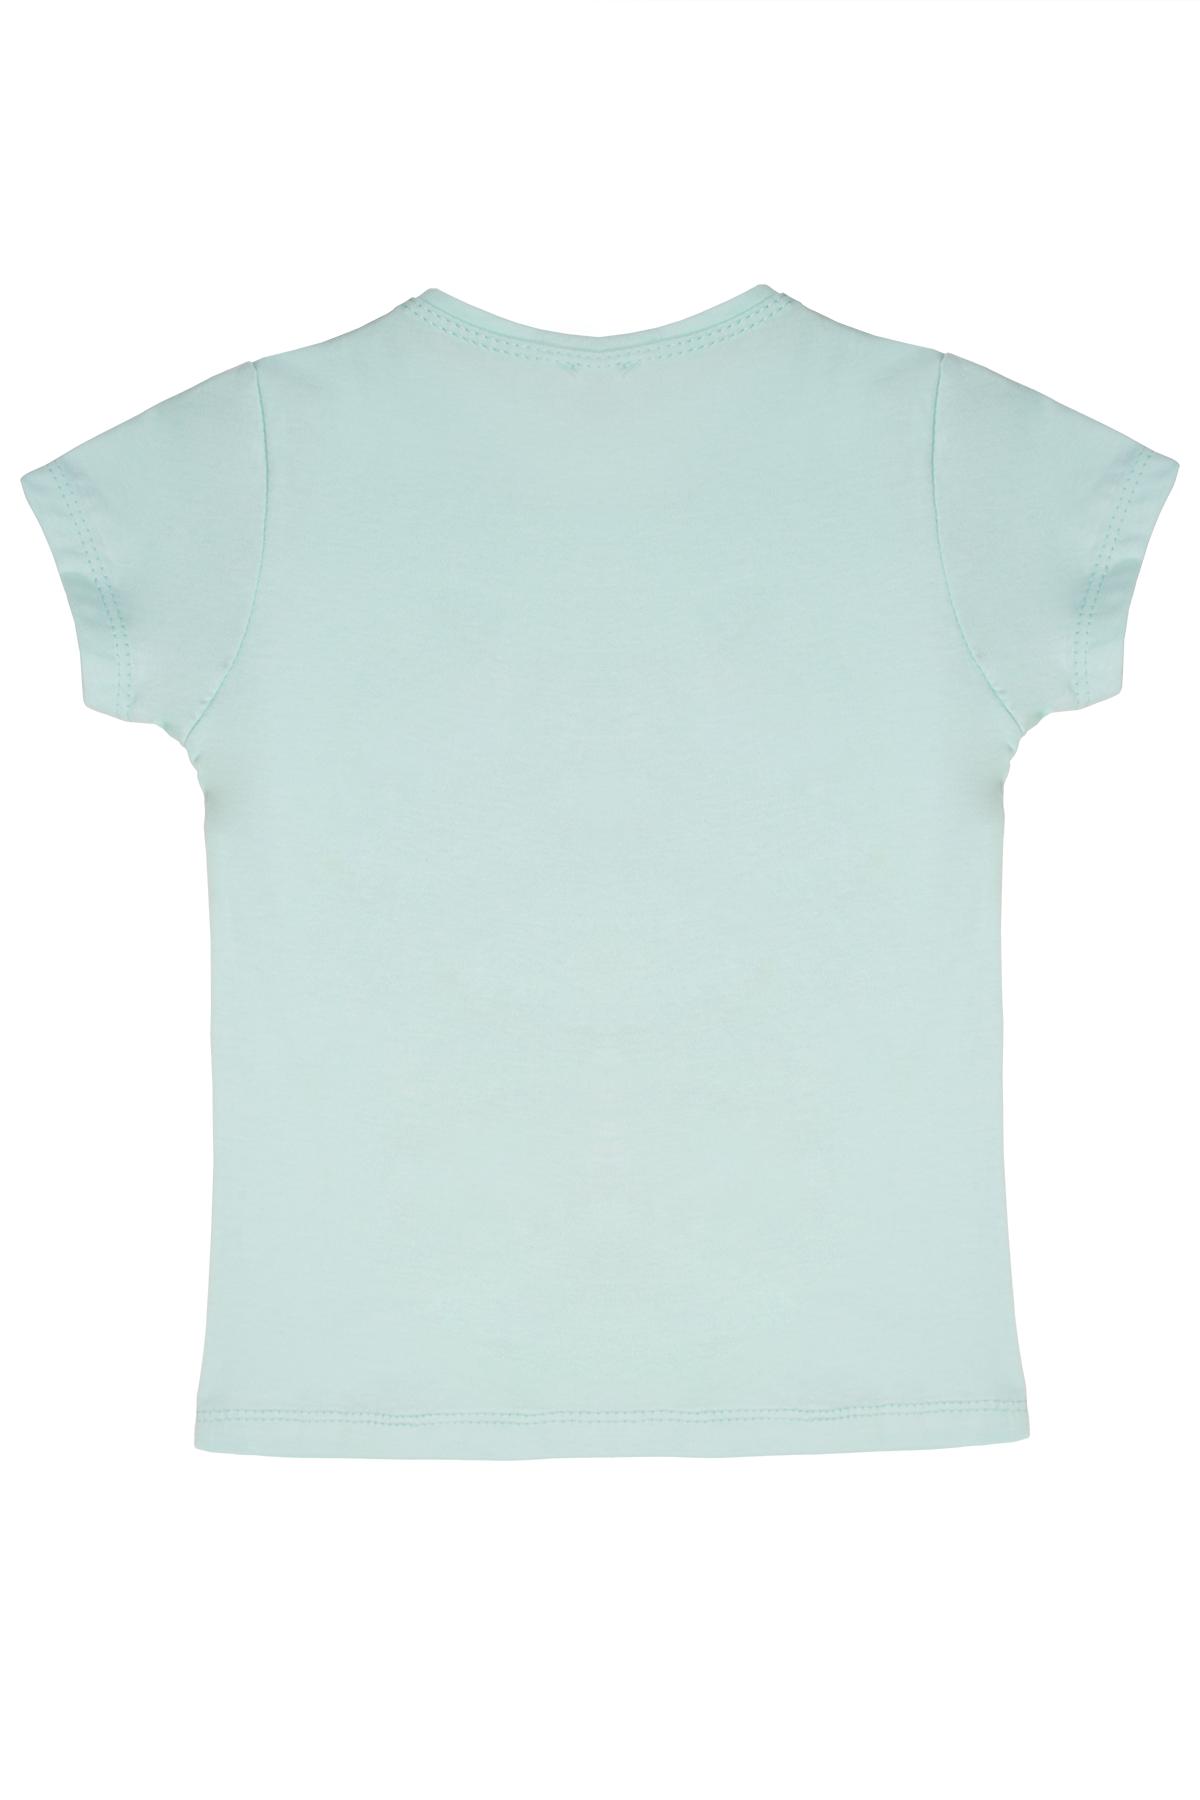 Kız Çocuk Kelebek Baskılı Mint Tişört